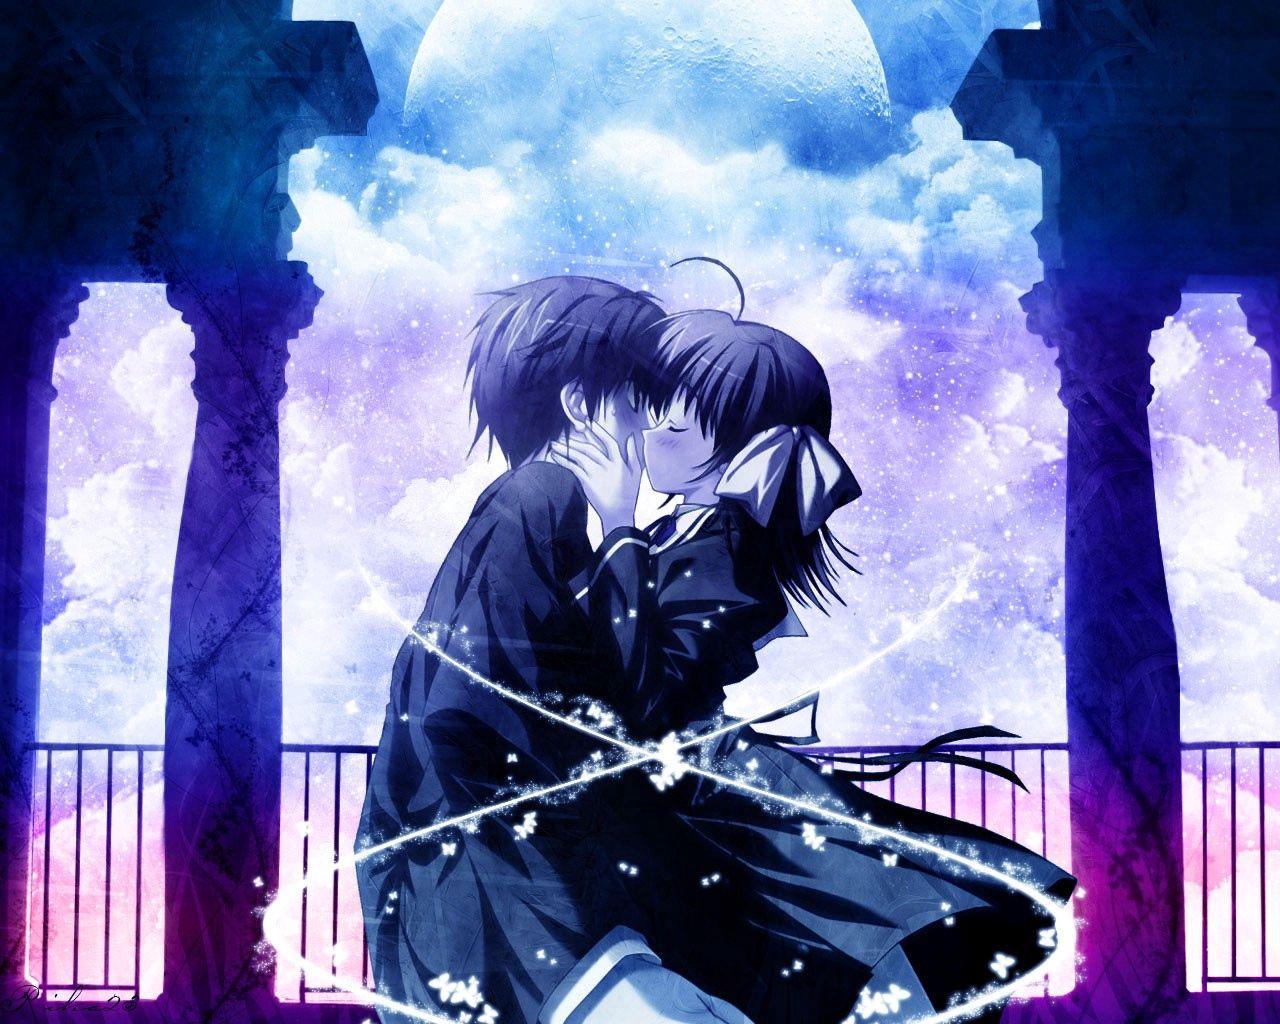 144105 Hintergrundbild herunterladen Anime, Mädchen, Zärtlichkeit, Kerl, Kuss - Bildschirmschoner und Bilder kostenlos